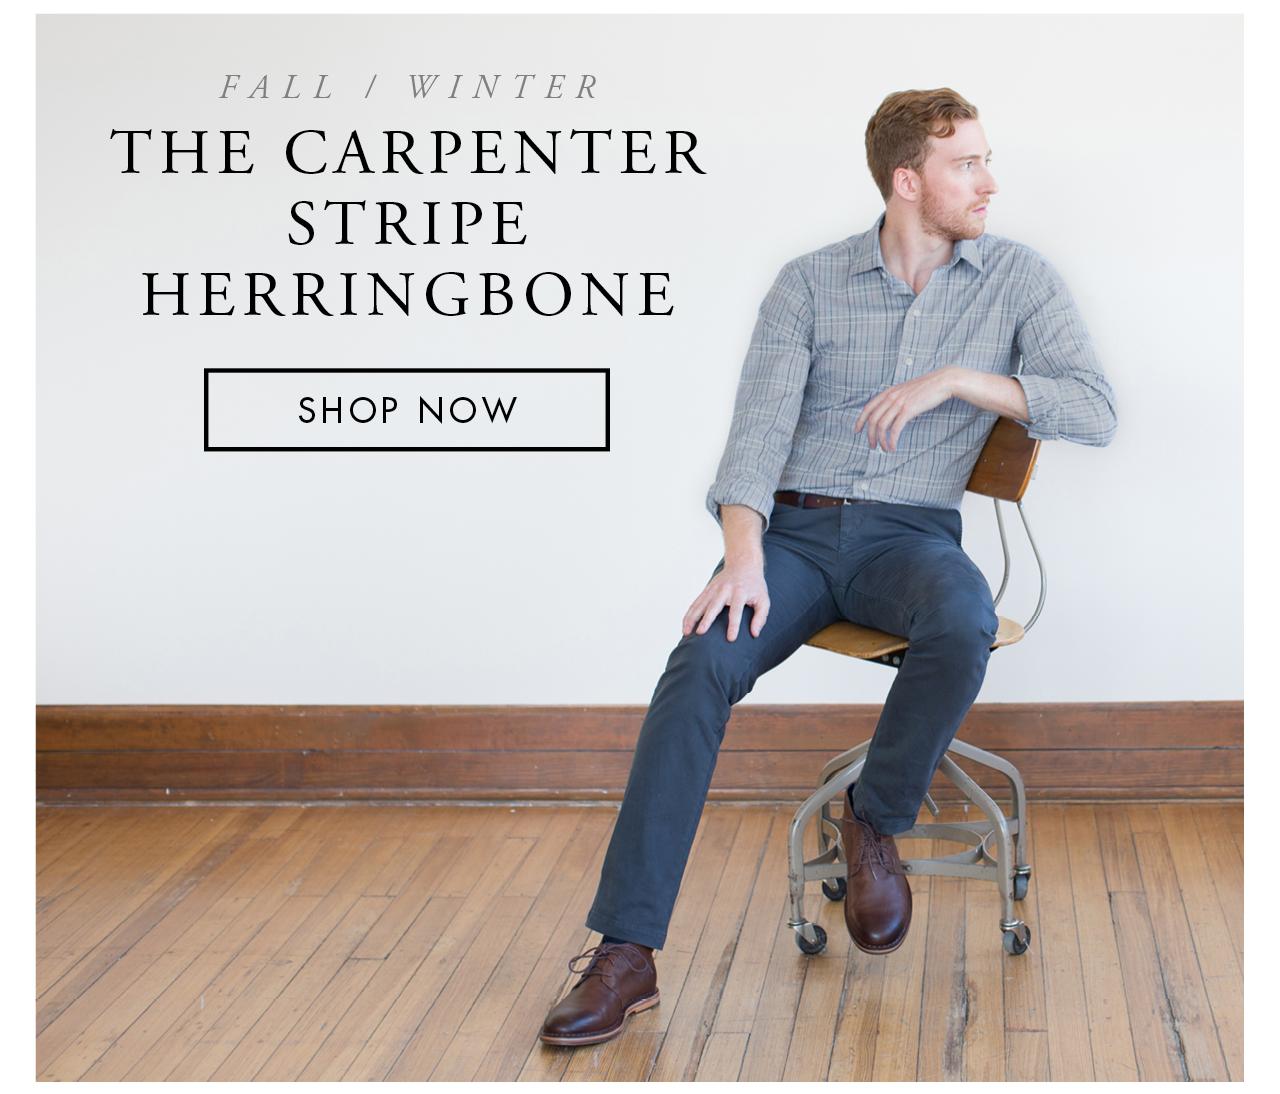 The Carpenter Stripe Herringbone